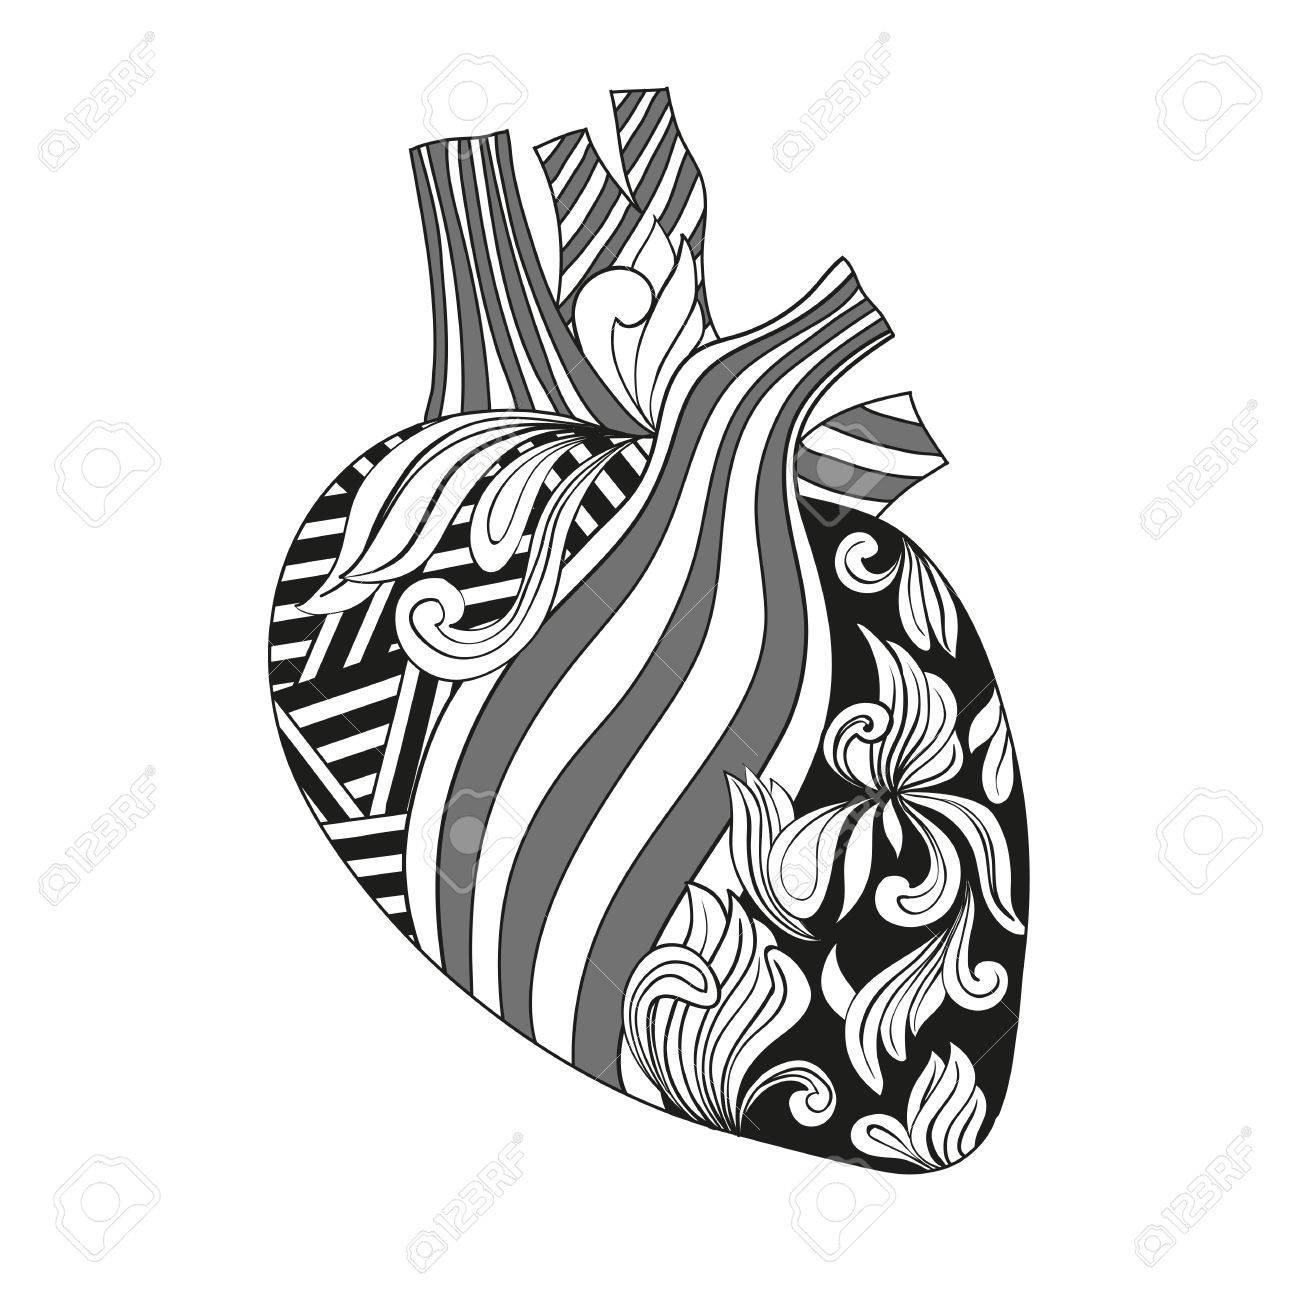 Coloriage Coeur Motif.Illustration Coloriage Coeur Avec Des Veines Et Des Arteres De Style Avec Des Motifs Geometriques Et Floraux